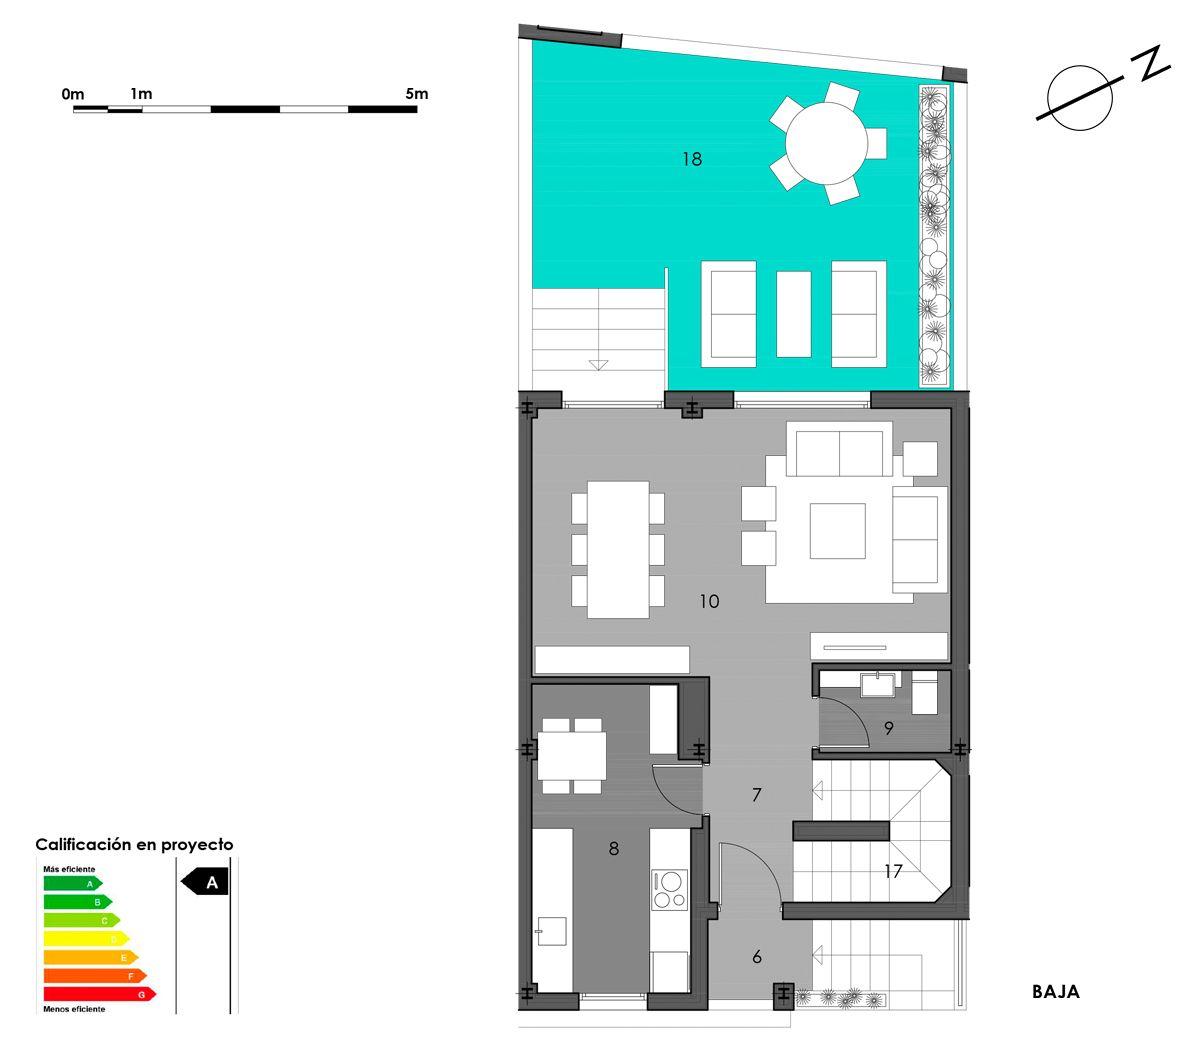 planta baja vivienda 8 con cocina cerrada